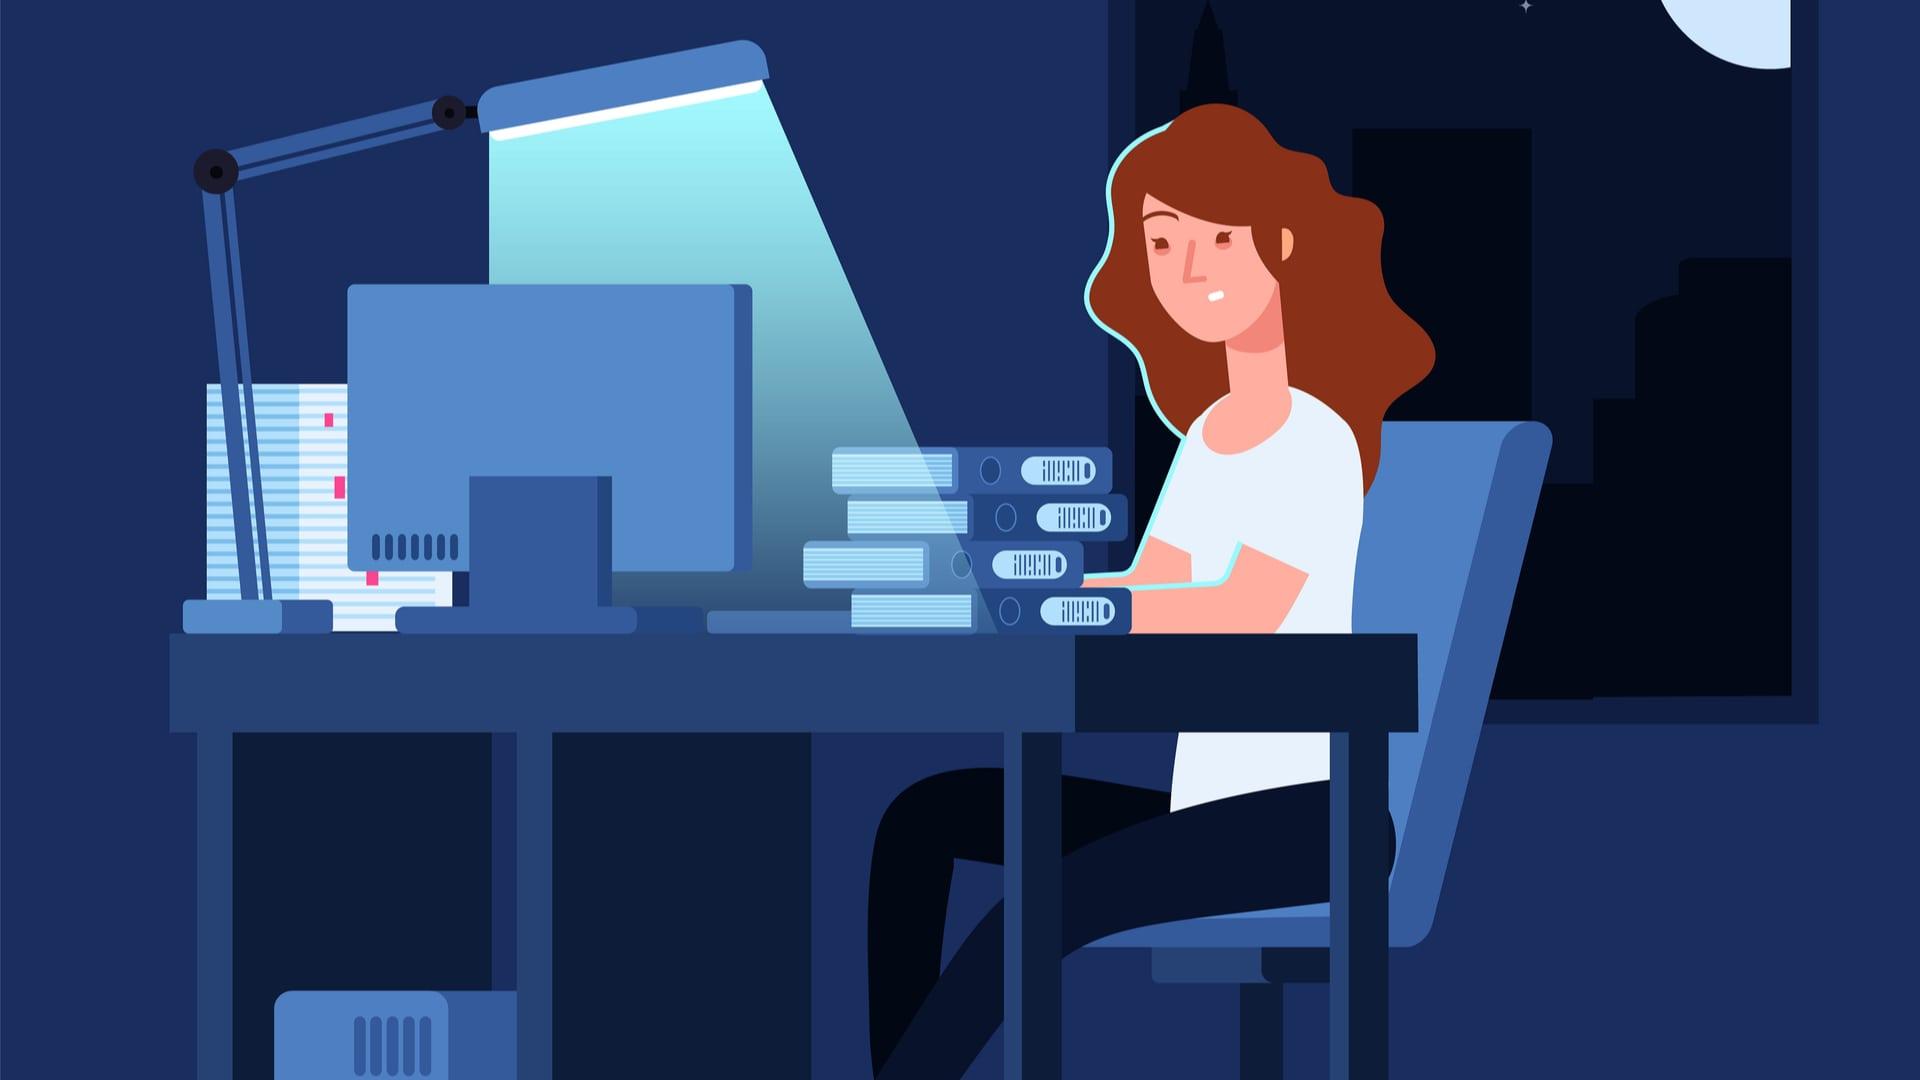 介護職は夜勤中に何してる?業務内容と夜勤のメリットを紹介します